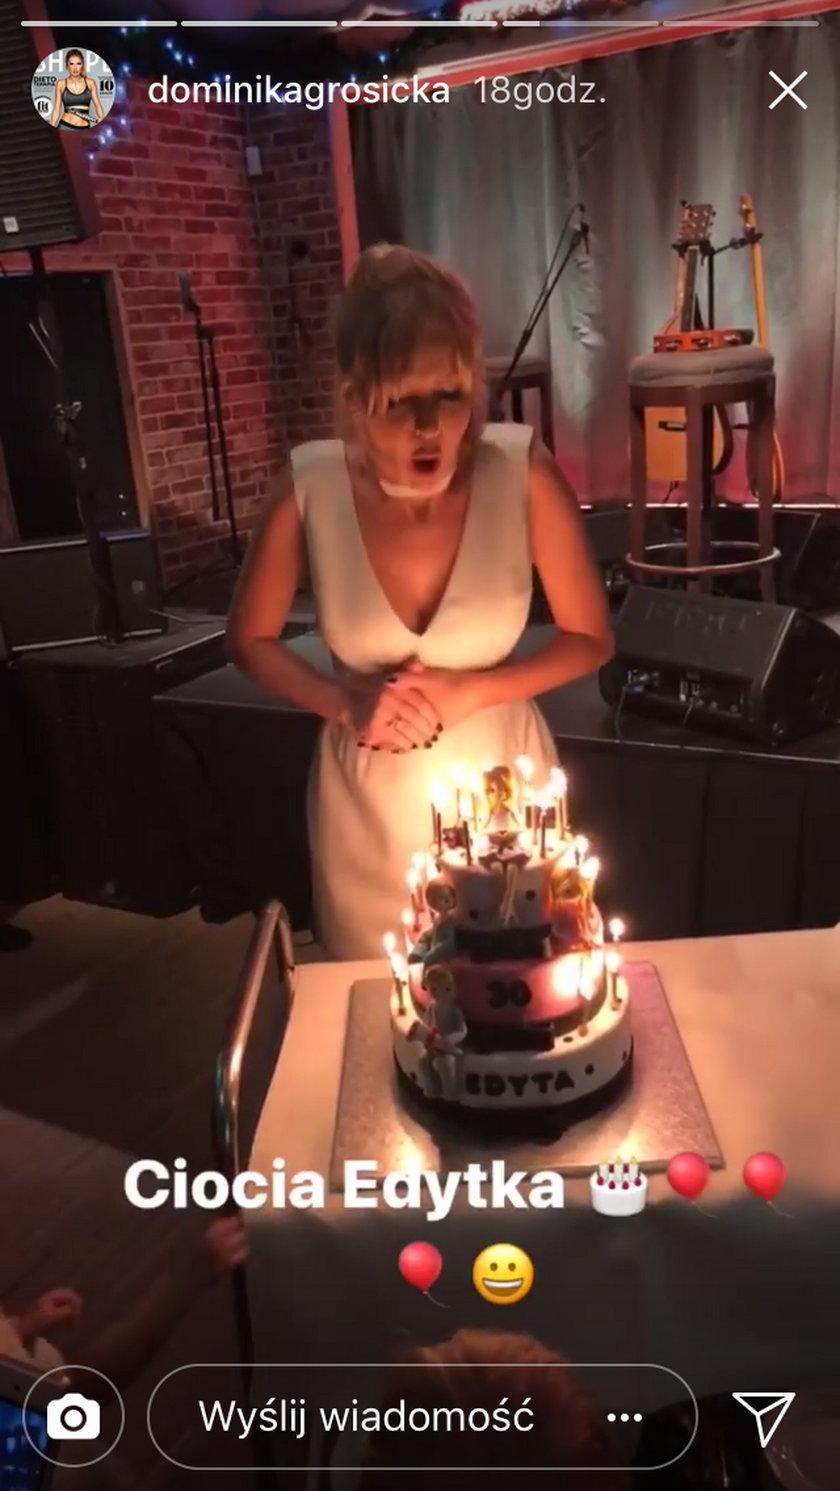 30. urodziny Edyty Pazury. Balują Lewandowska, Grosicka i Hyży